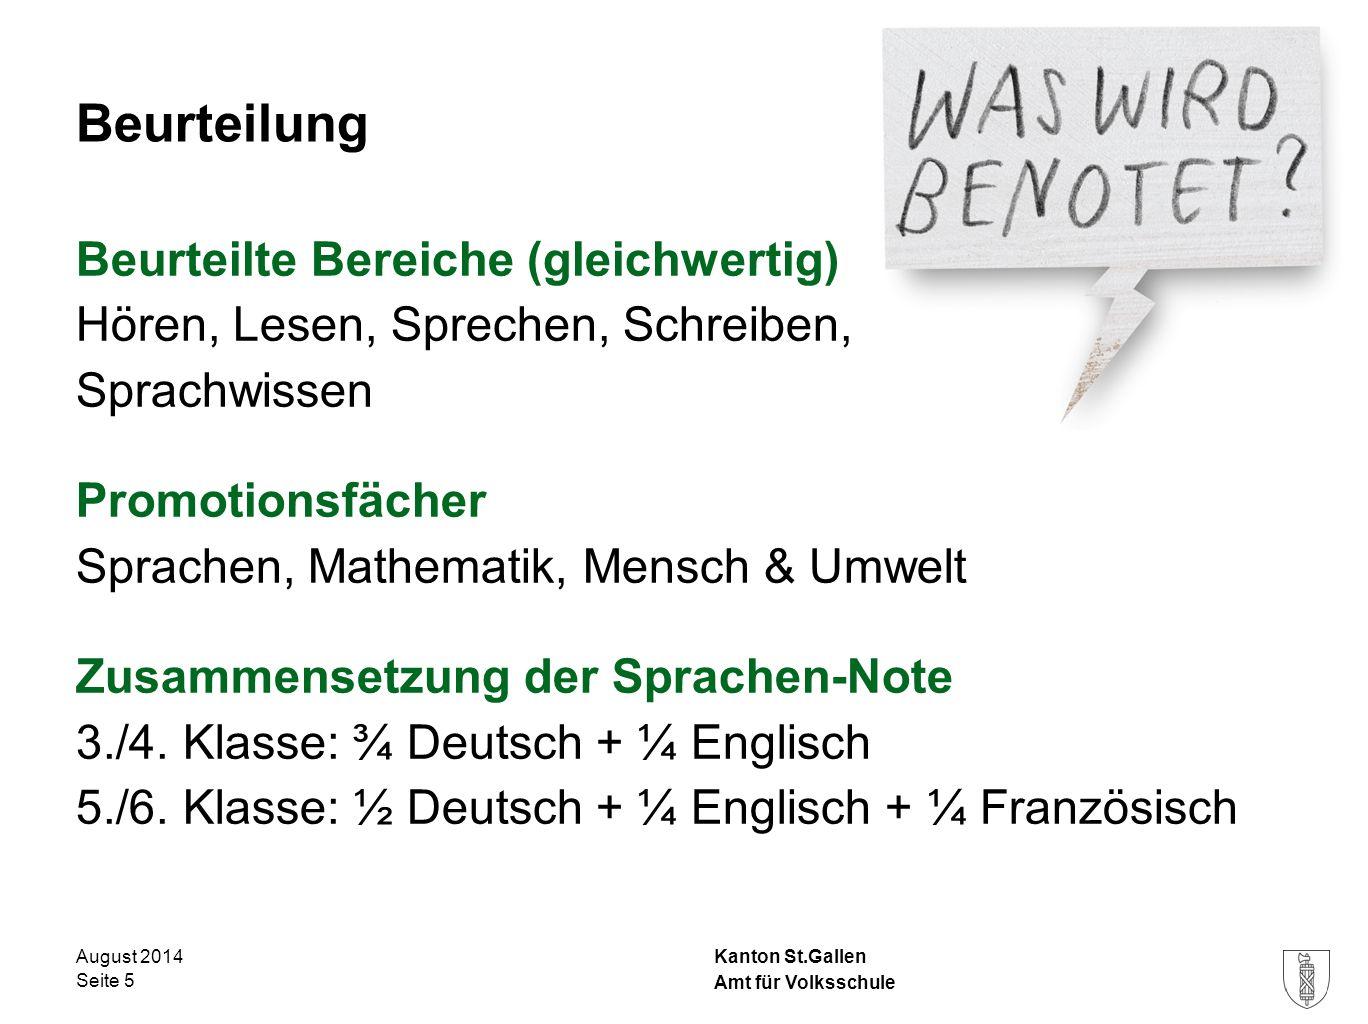 Kanton St.Gallen Beurteilung im Bereich Schreiben Primarschule Die Rechtschreibung im Fremdsprachenunterricht wird dann bewertet, wenn nach Vorlage abgeschrieben werden kann.